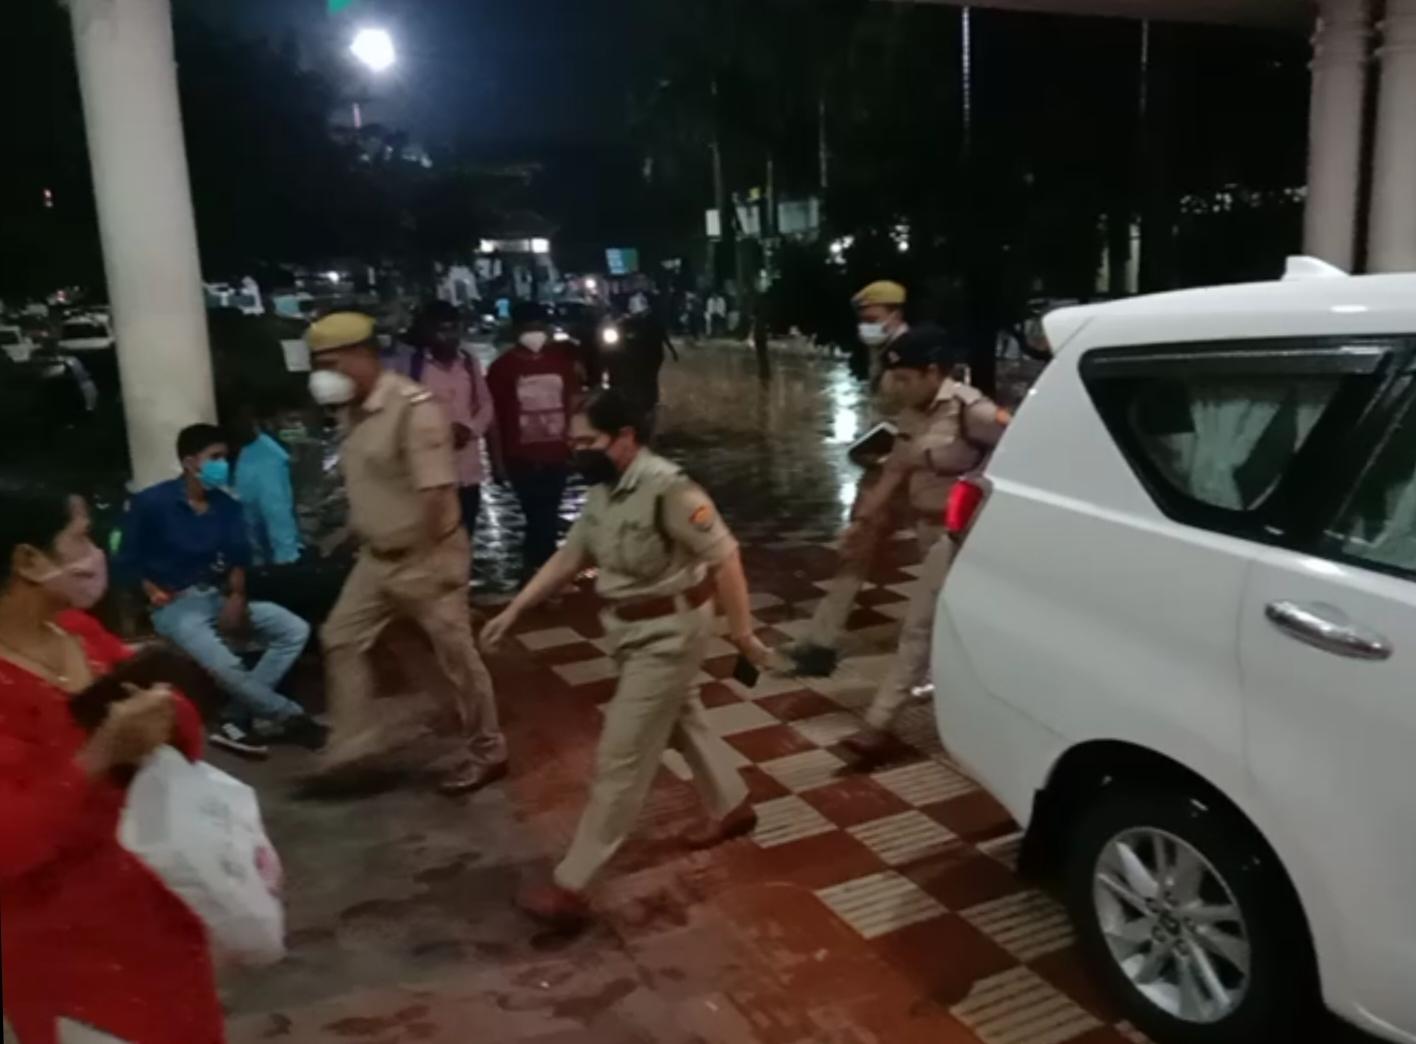 अपर मुख्य सचिव नगर विकास के निजी सचिव के आत्महत्या के प्रयास के मामले की आईजी ने शुरू की जांच, परिजनों का बयान लेने बाद पहुँची उन्नाव|लखनऊ,Lucknow - Dainik Bhaskar